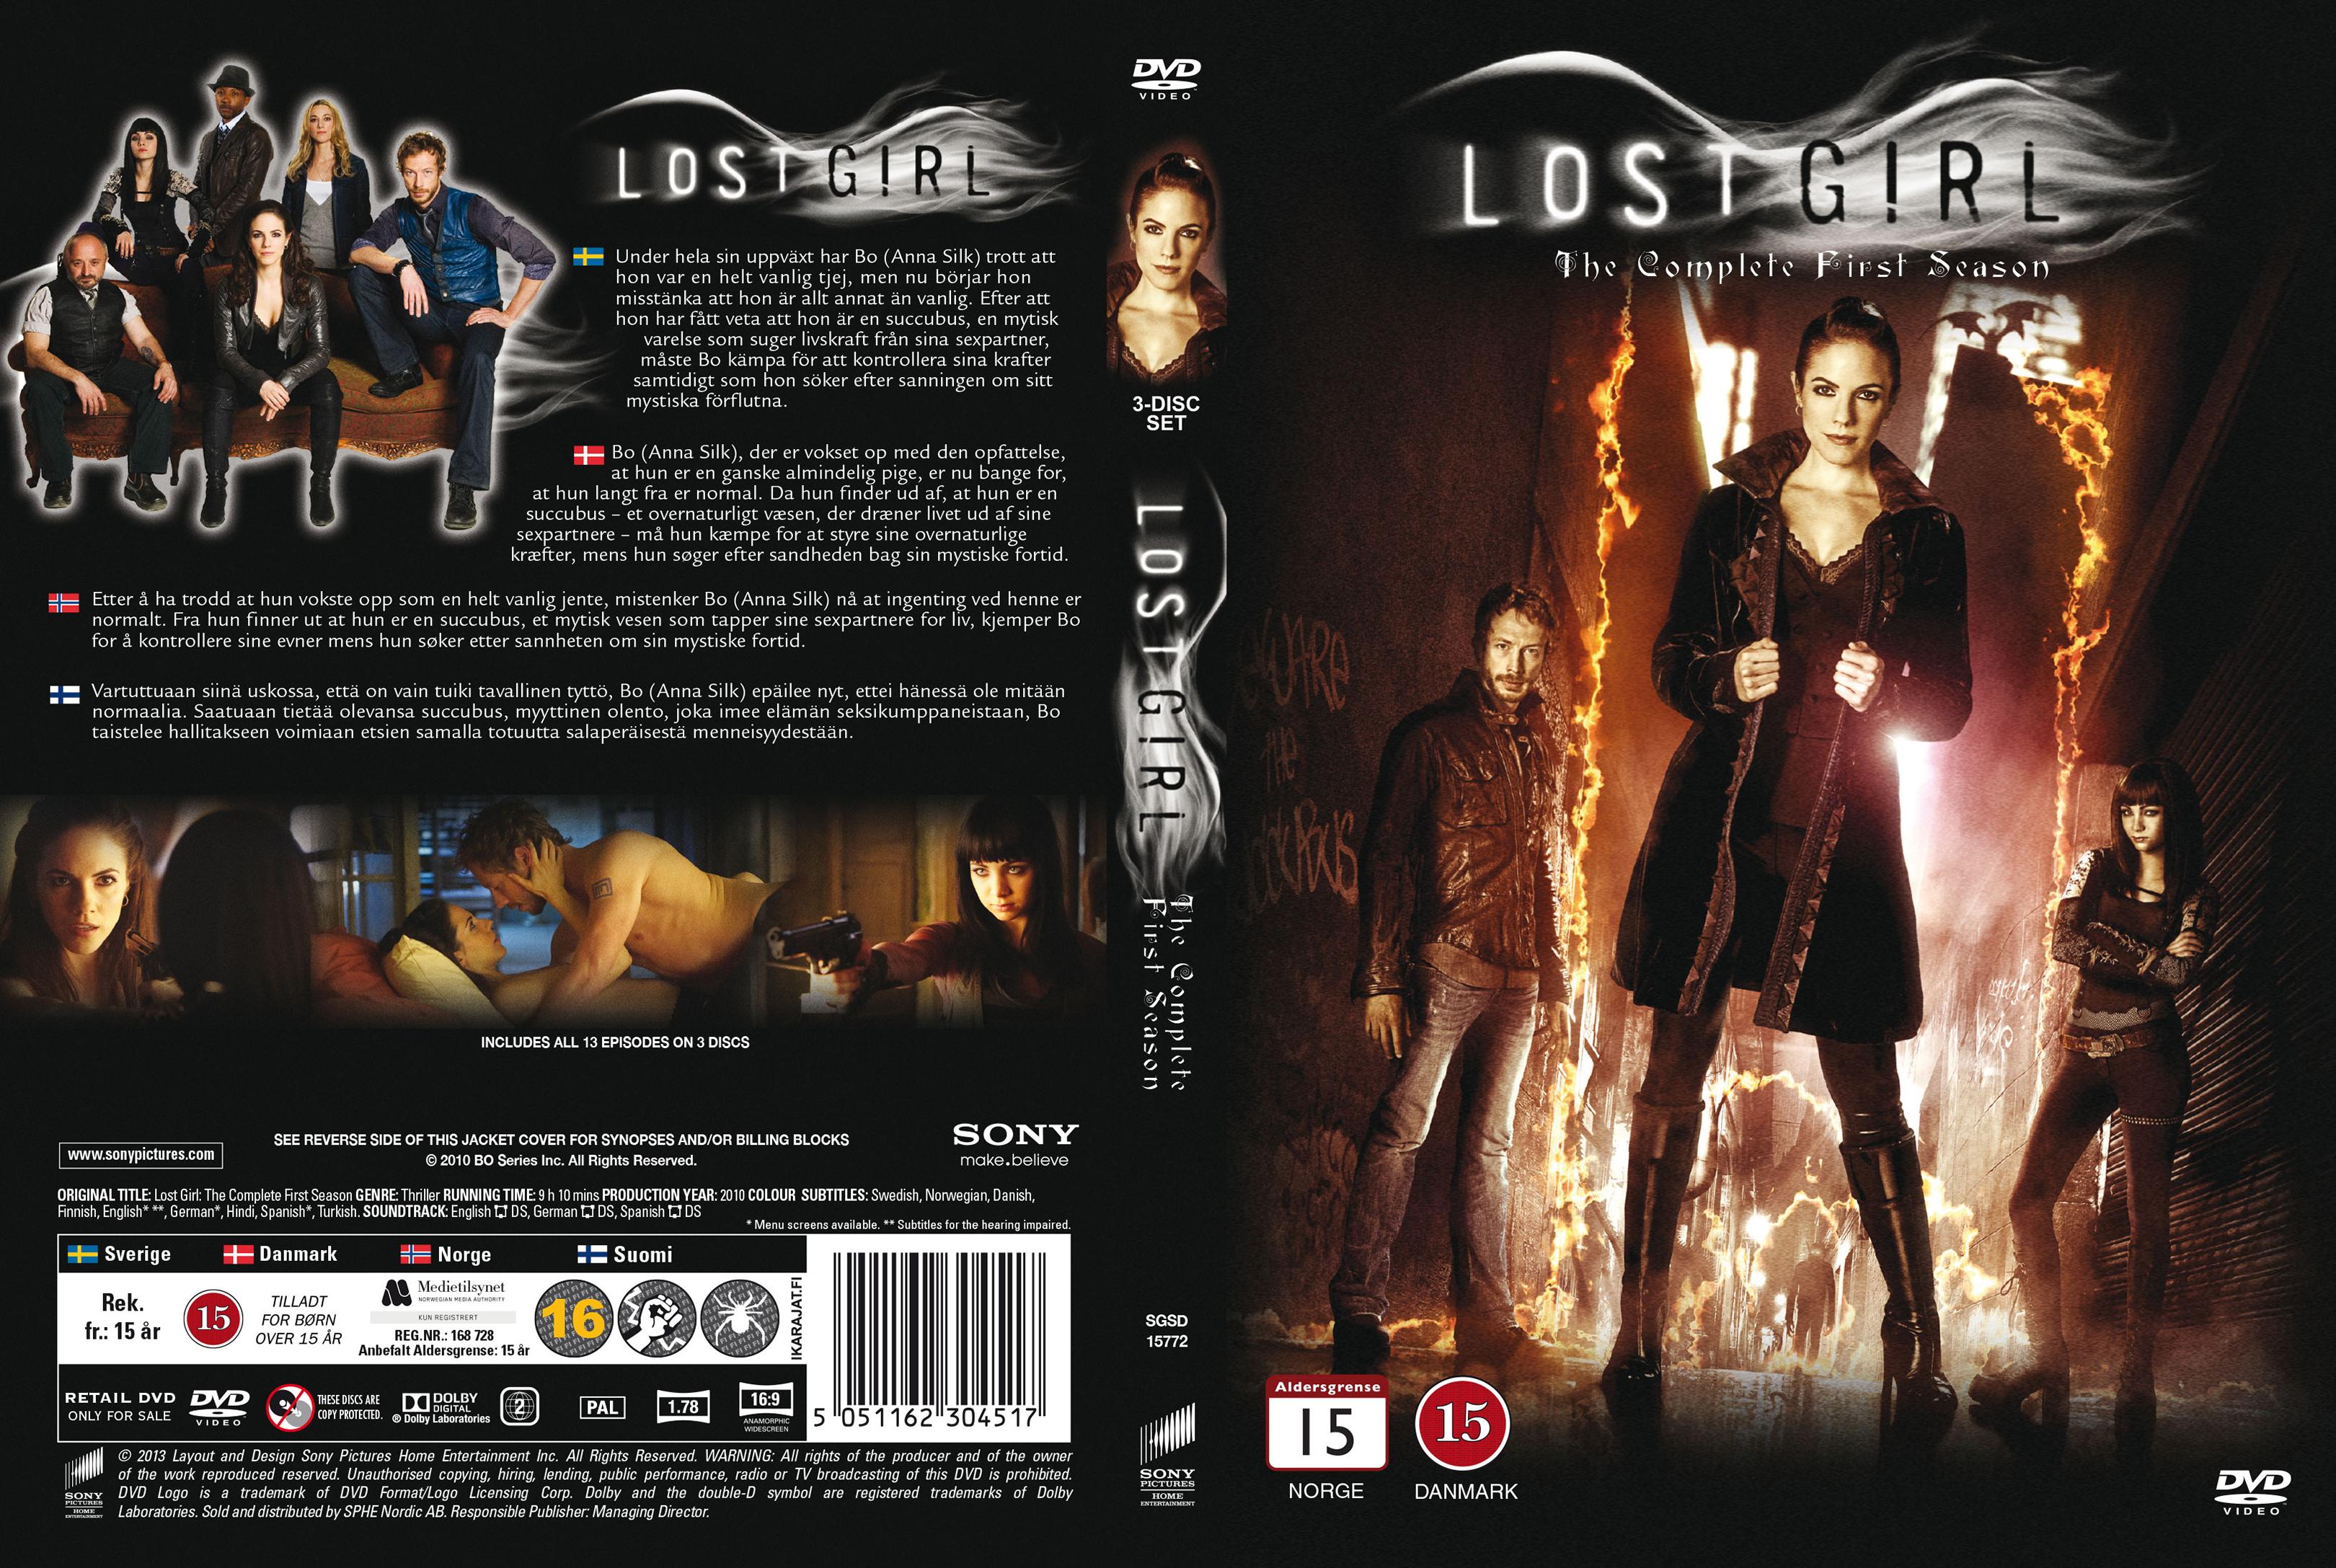 Lost season 4 episode 1 torrent download xsonarcrew.